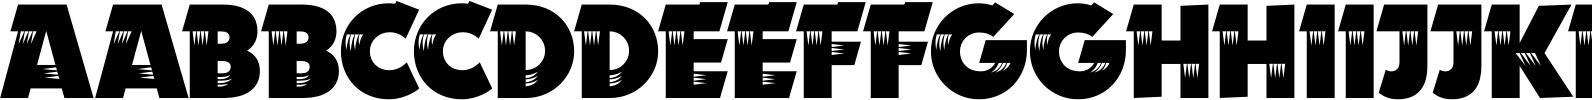 Motorcross Pro